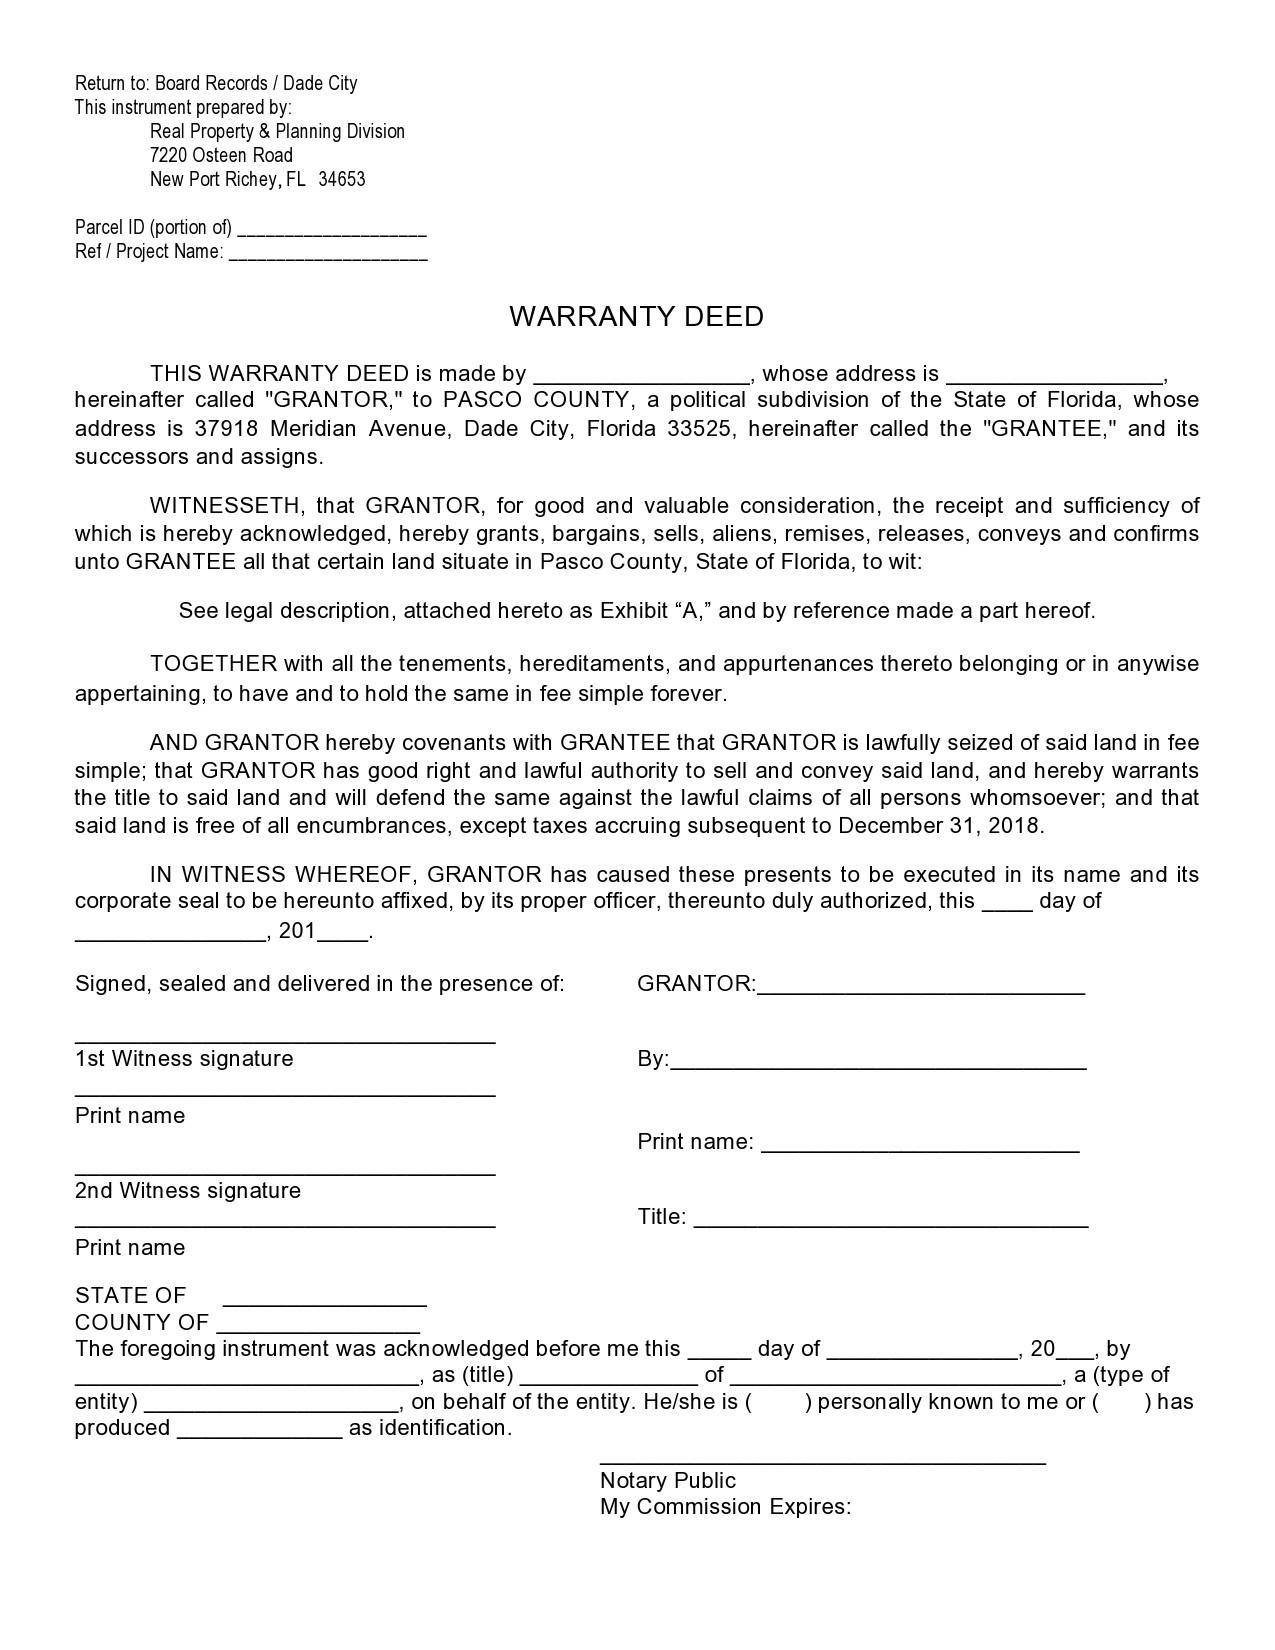 Free warranty deed form 28